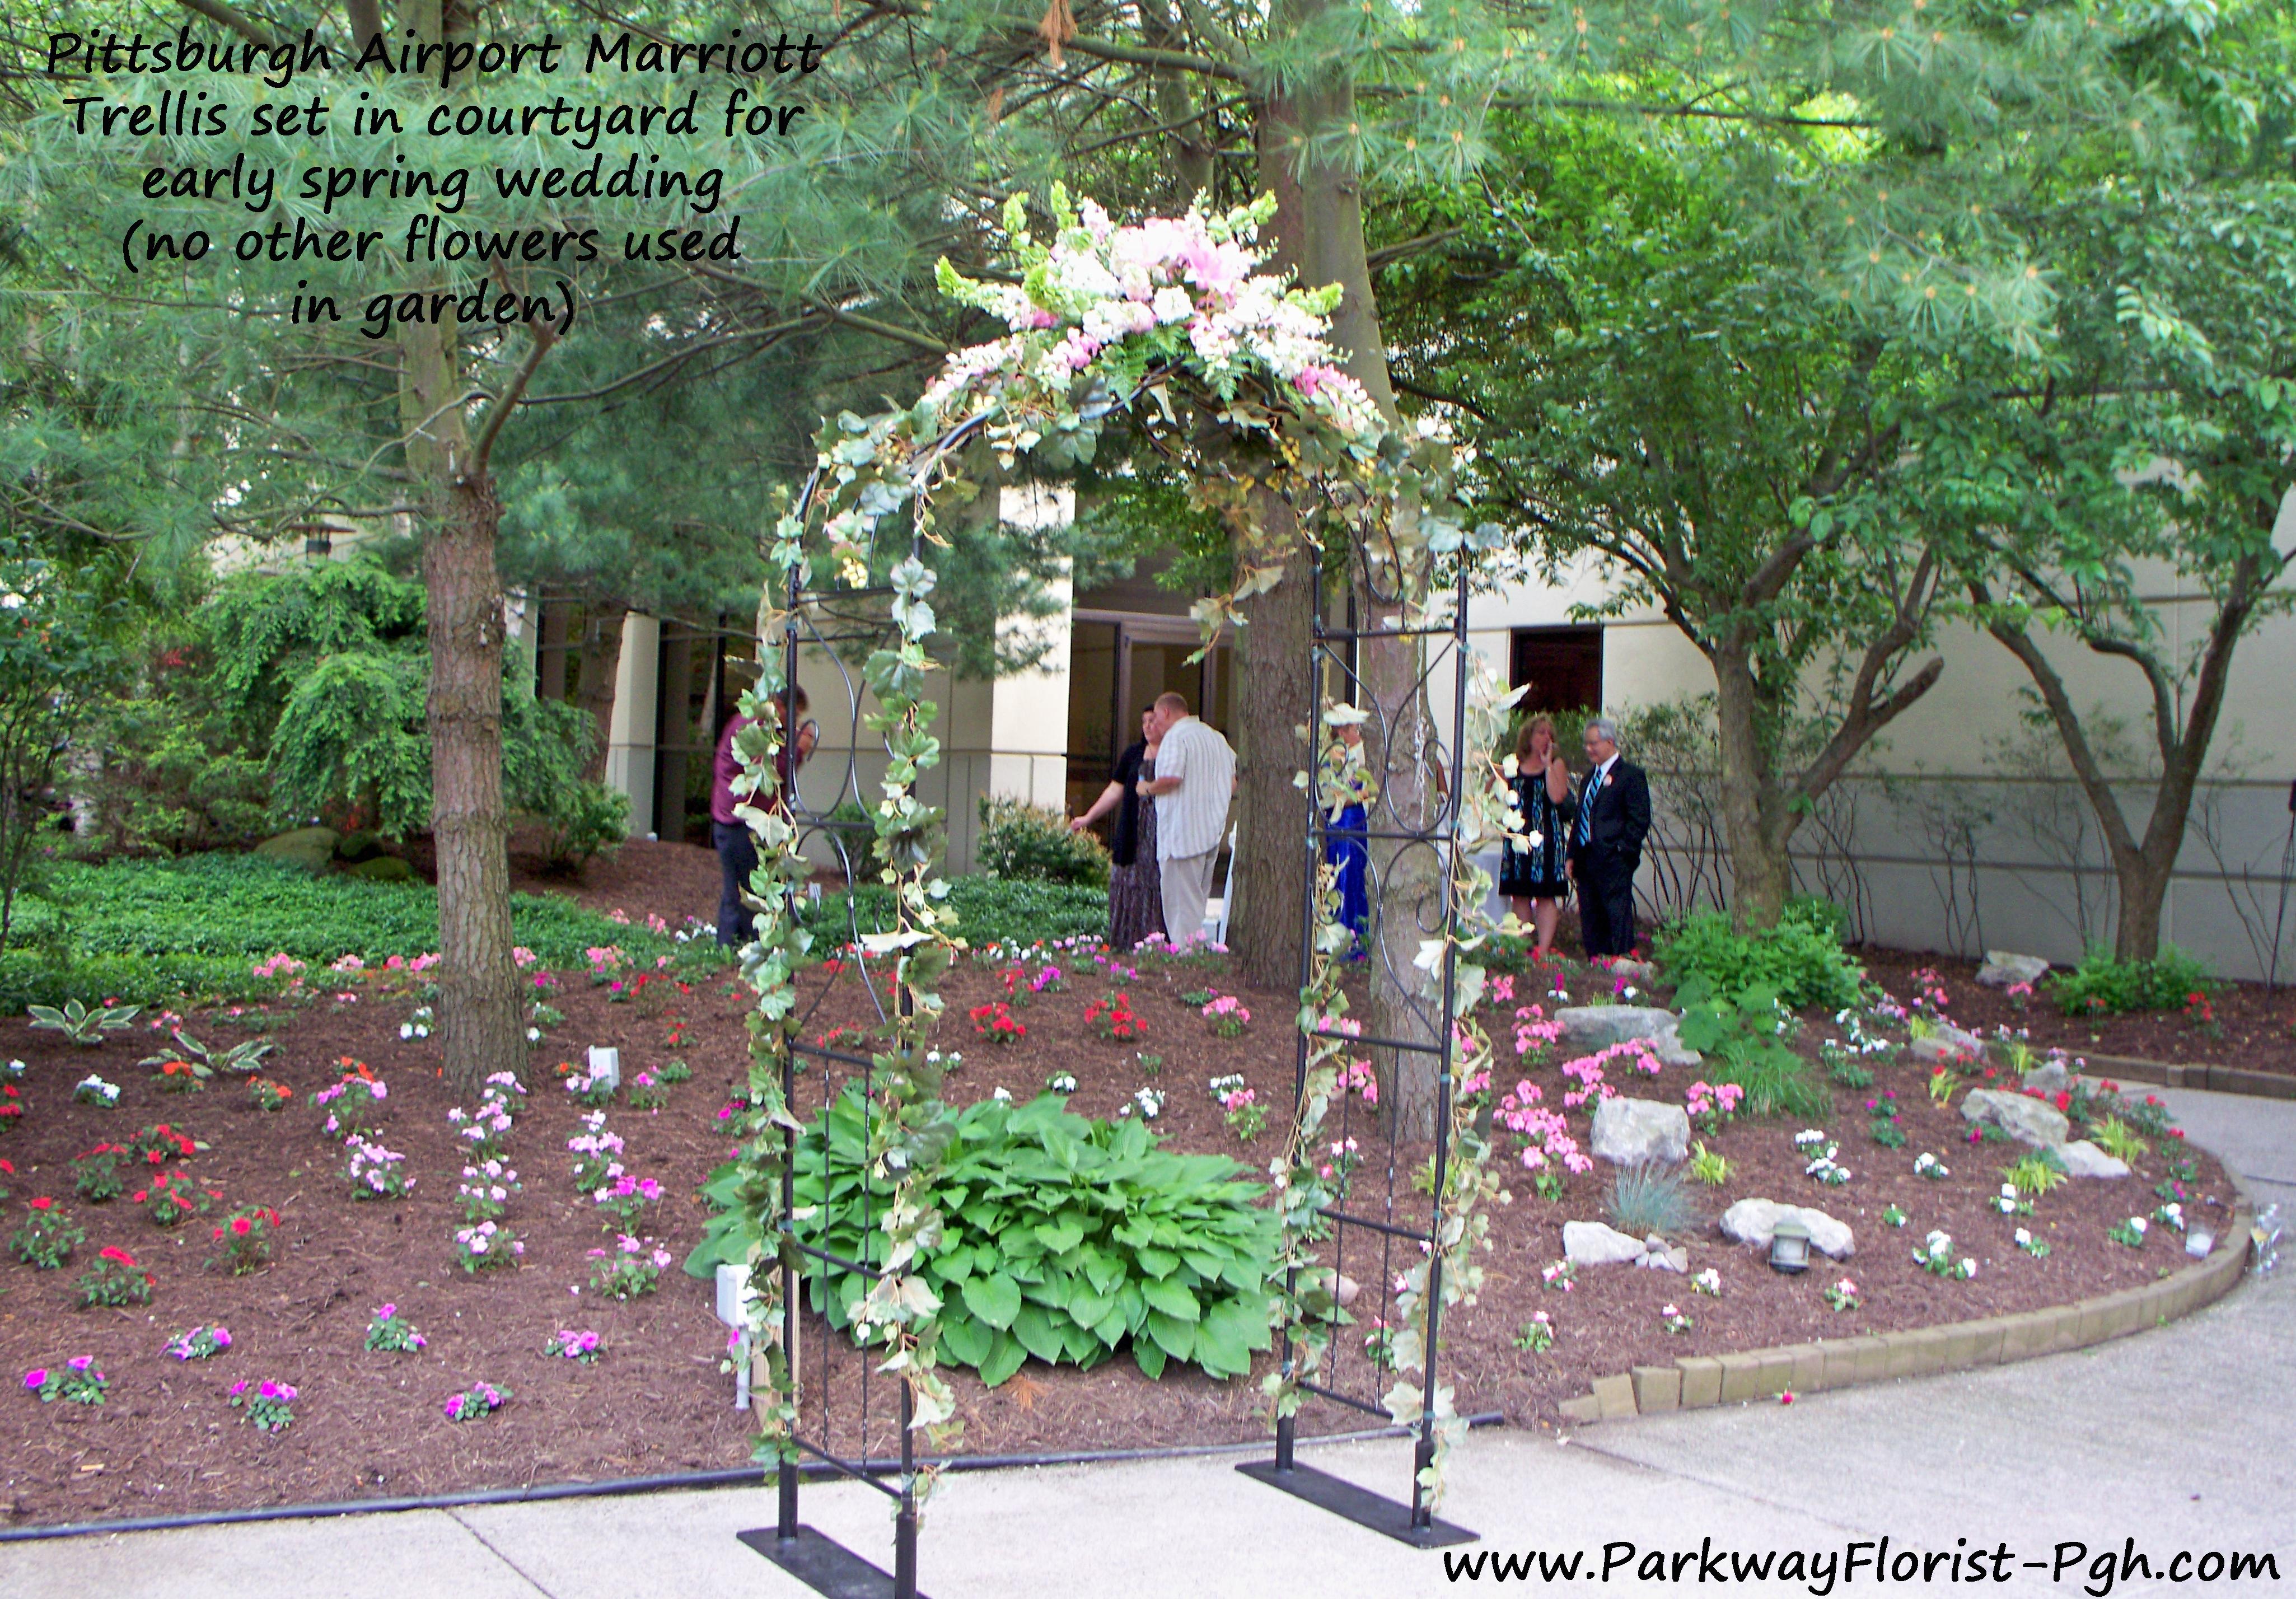 Trellis Outdoor Wedding Ceremonies: Trellis Set In Courtyard For